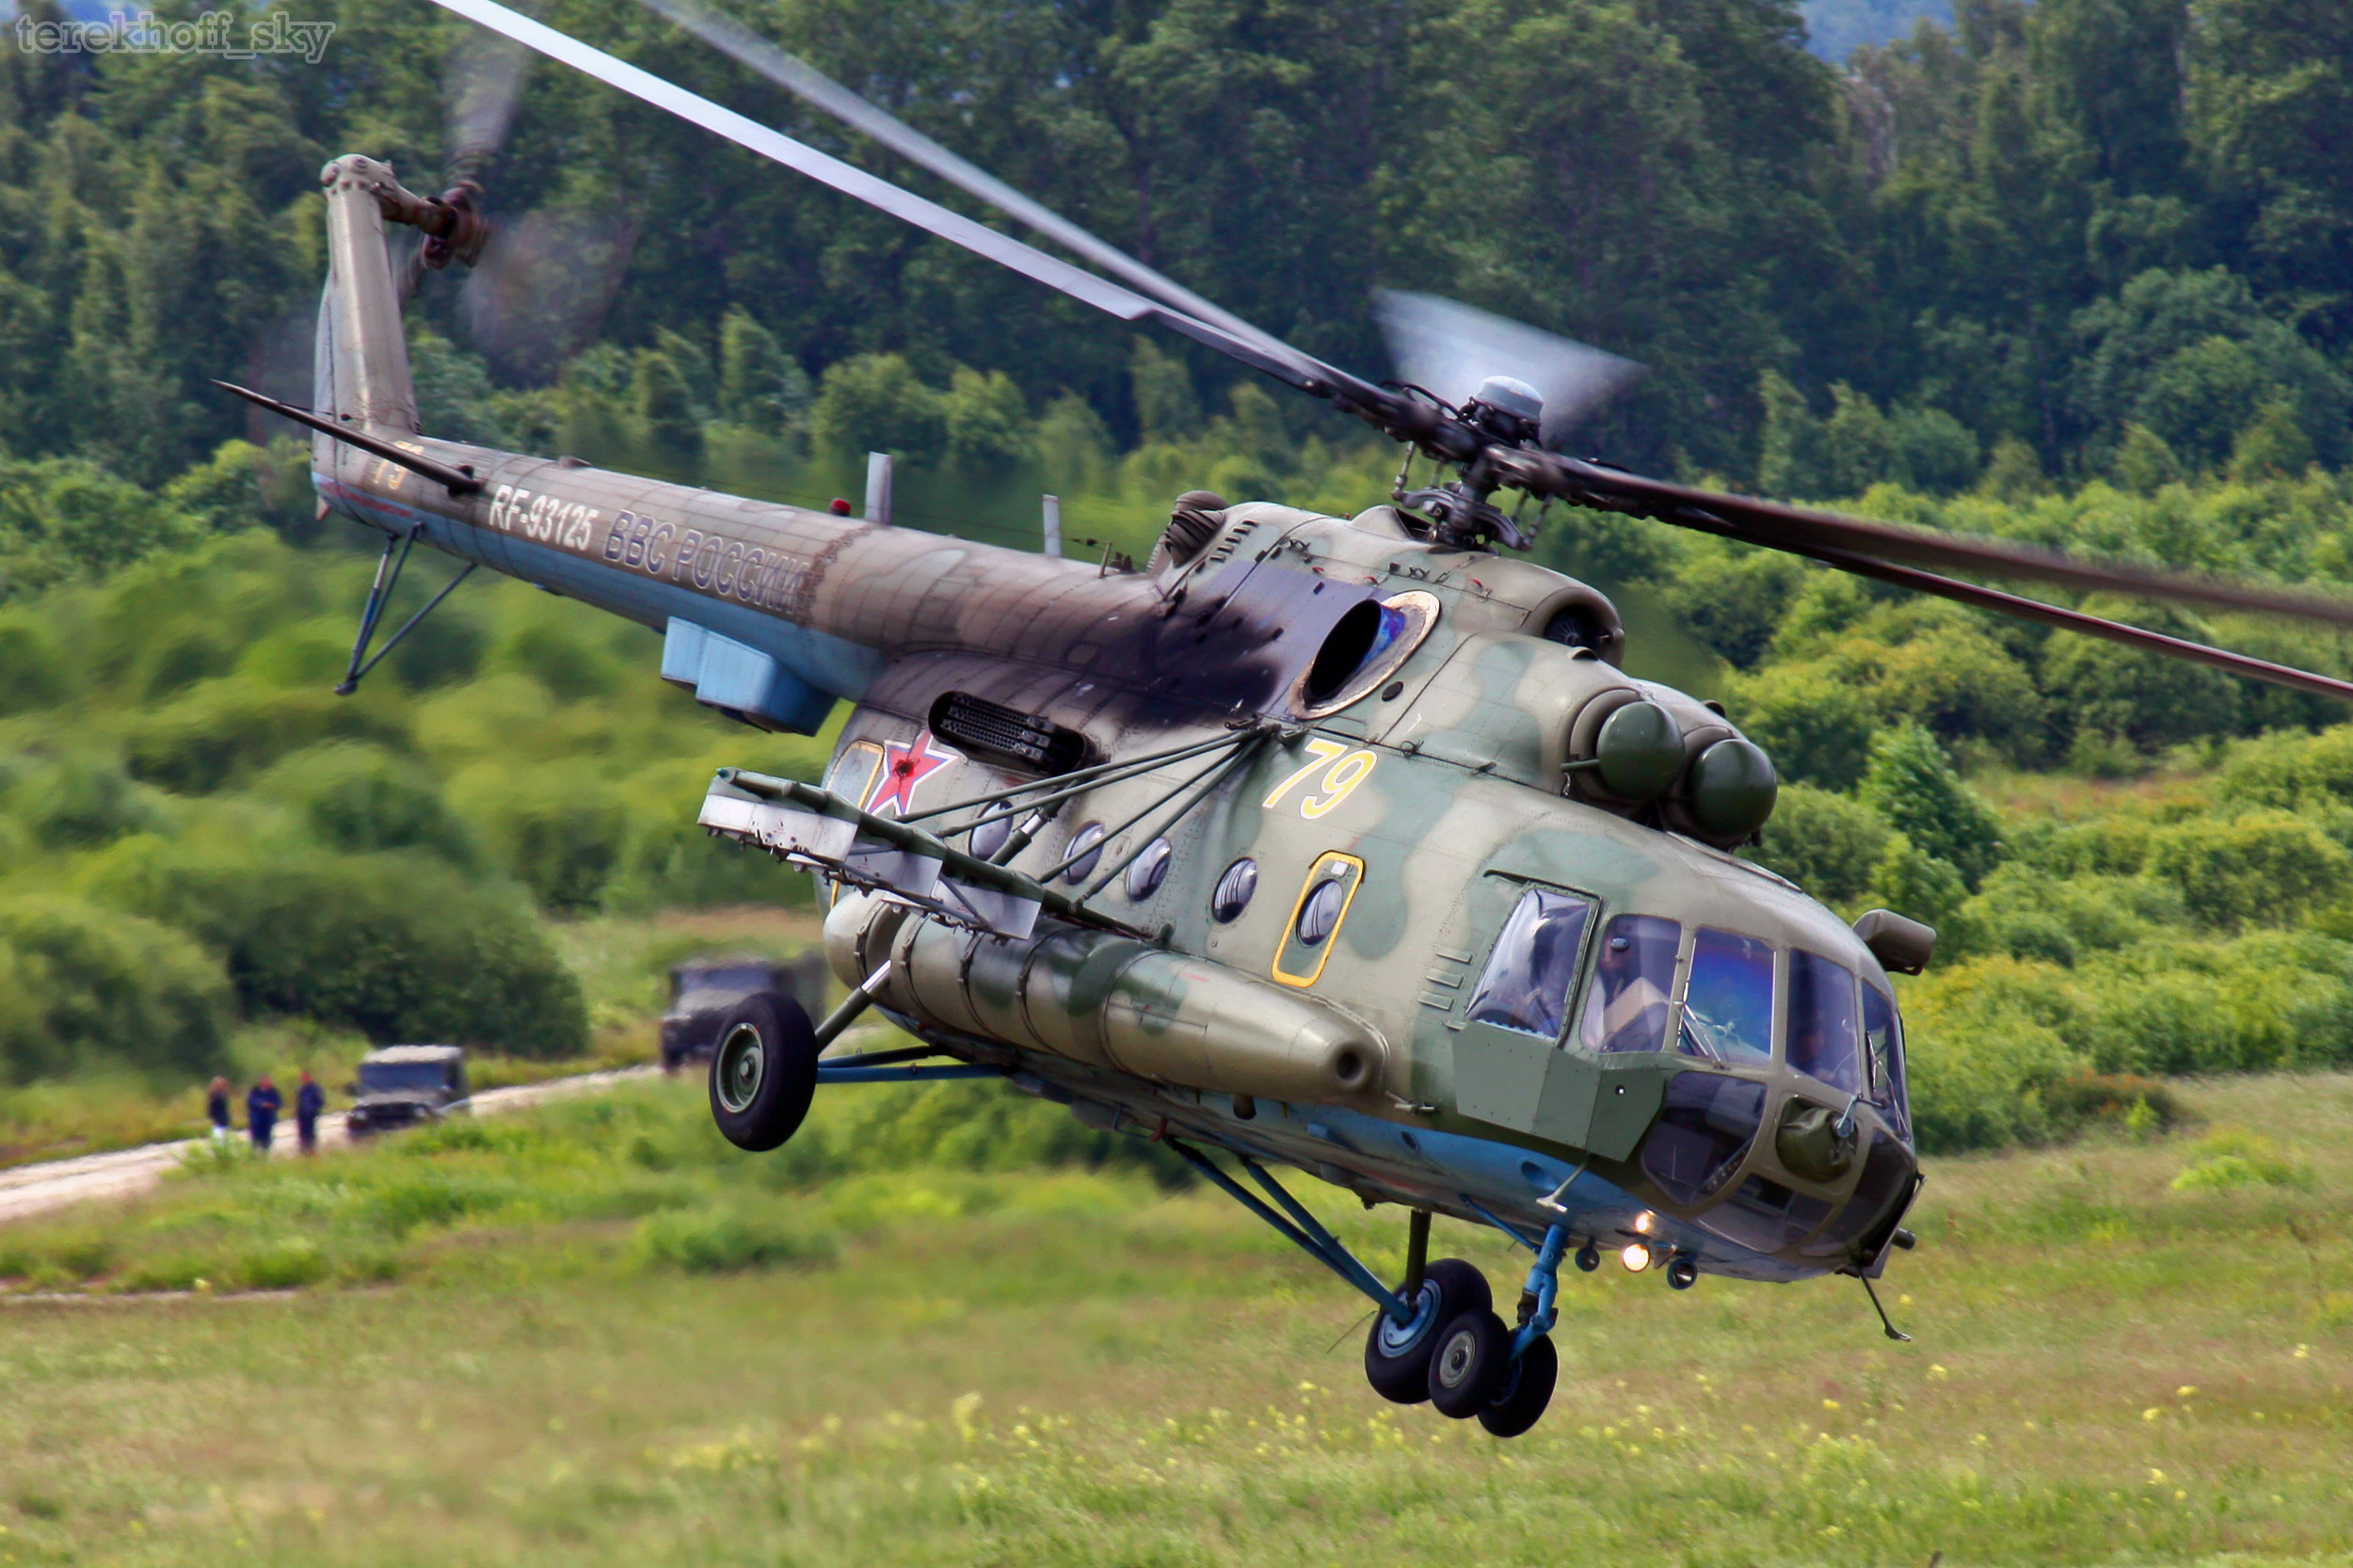 Полета вертолета 8 стоимость часа ми в в часы перспектива ломбарде купить москве